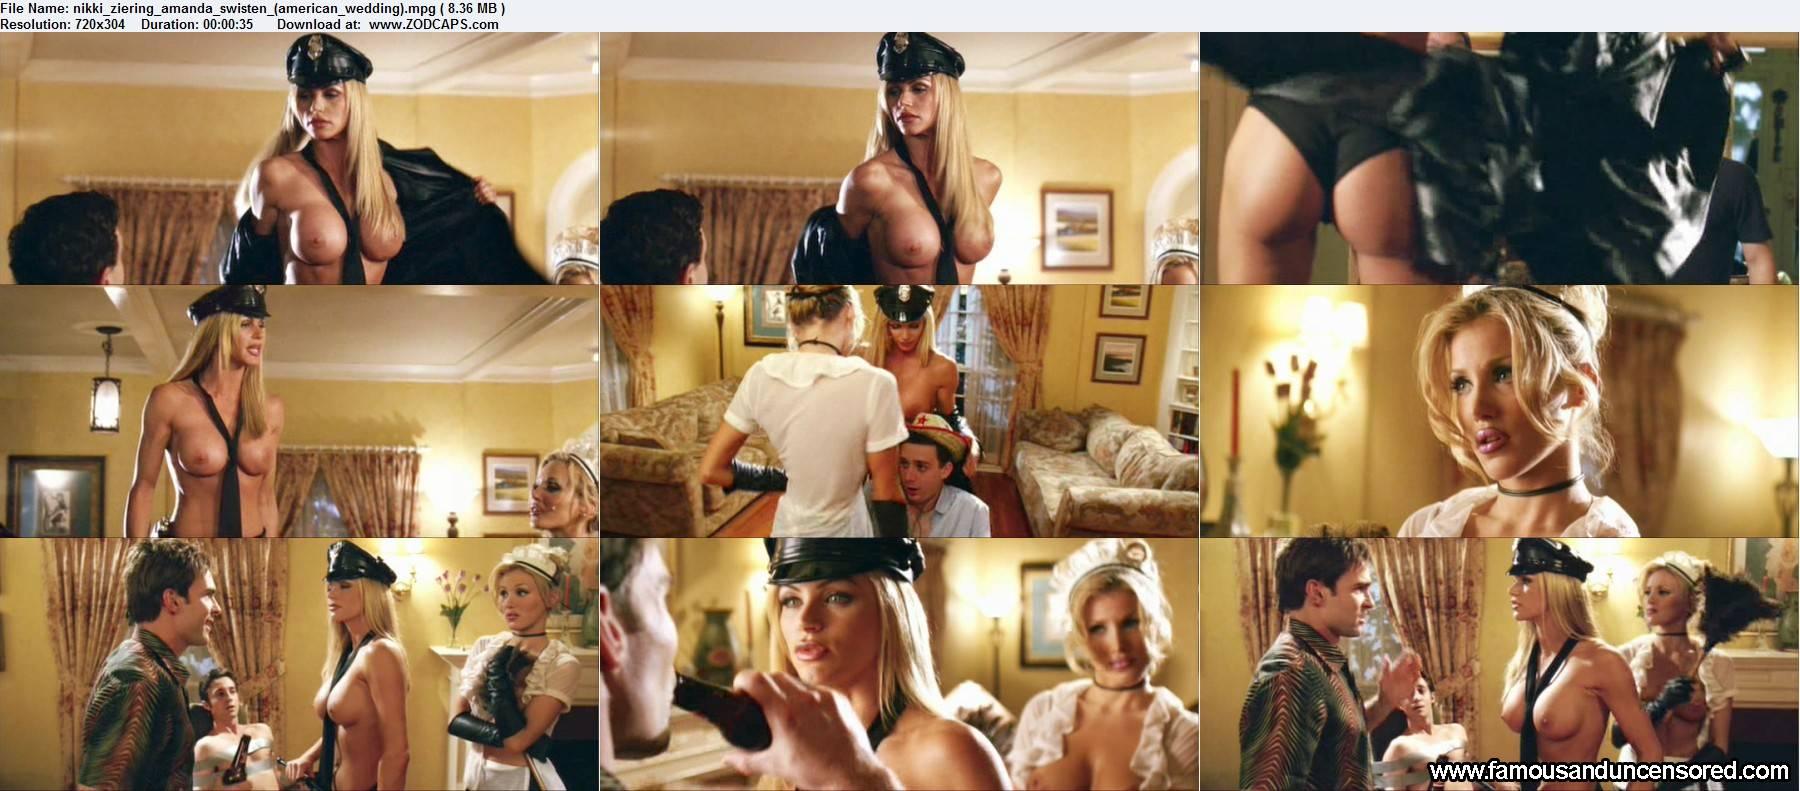 American Wedding Nude Scenes nikki ziering american wedding american wedding beautiful